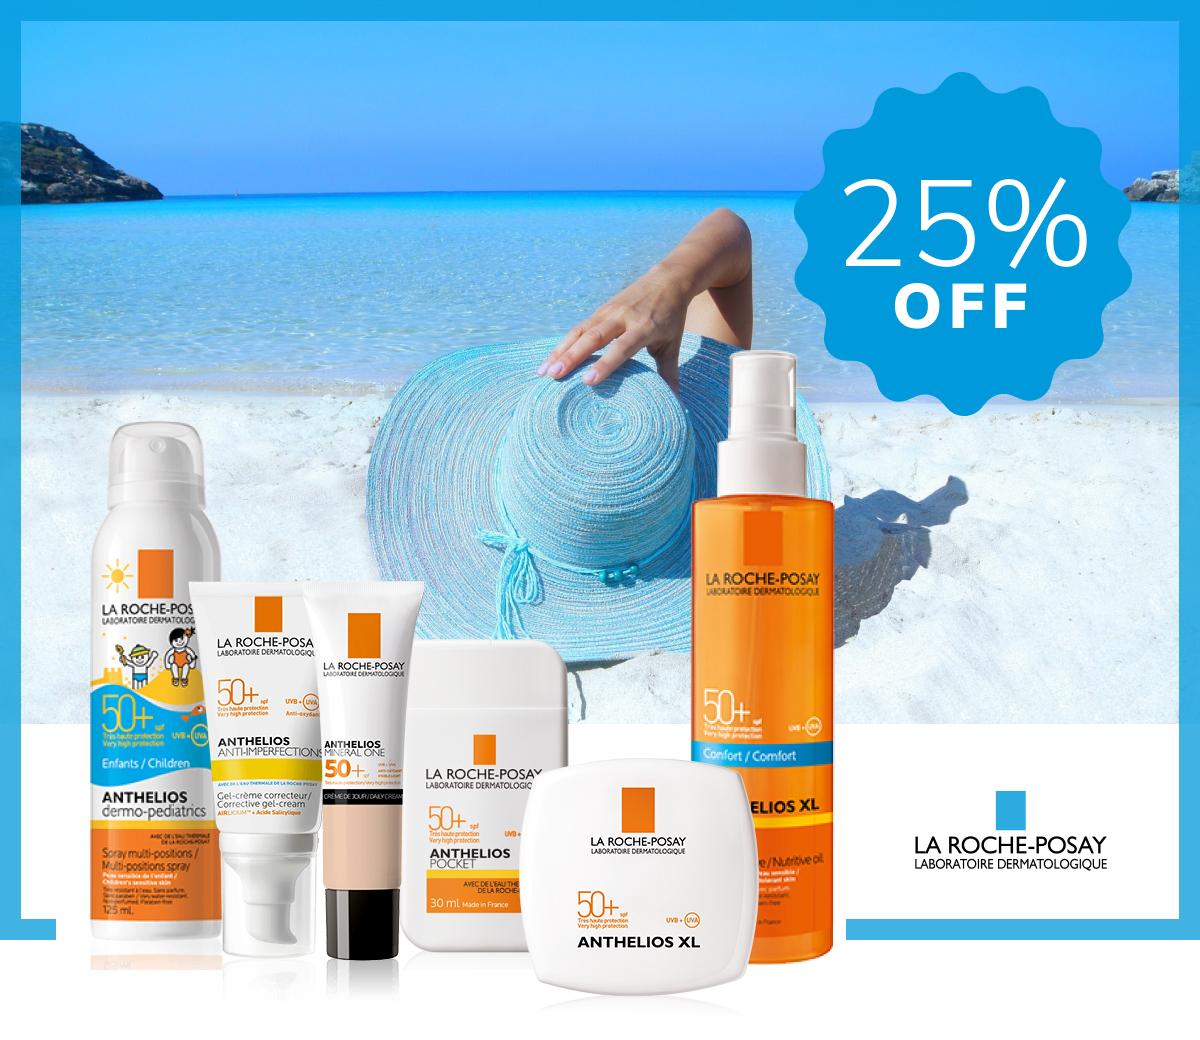 La Roche-Posay Sunscreens